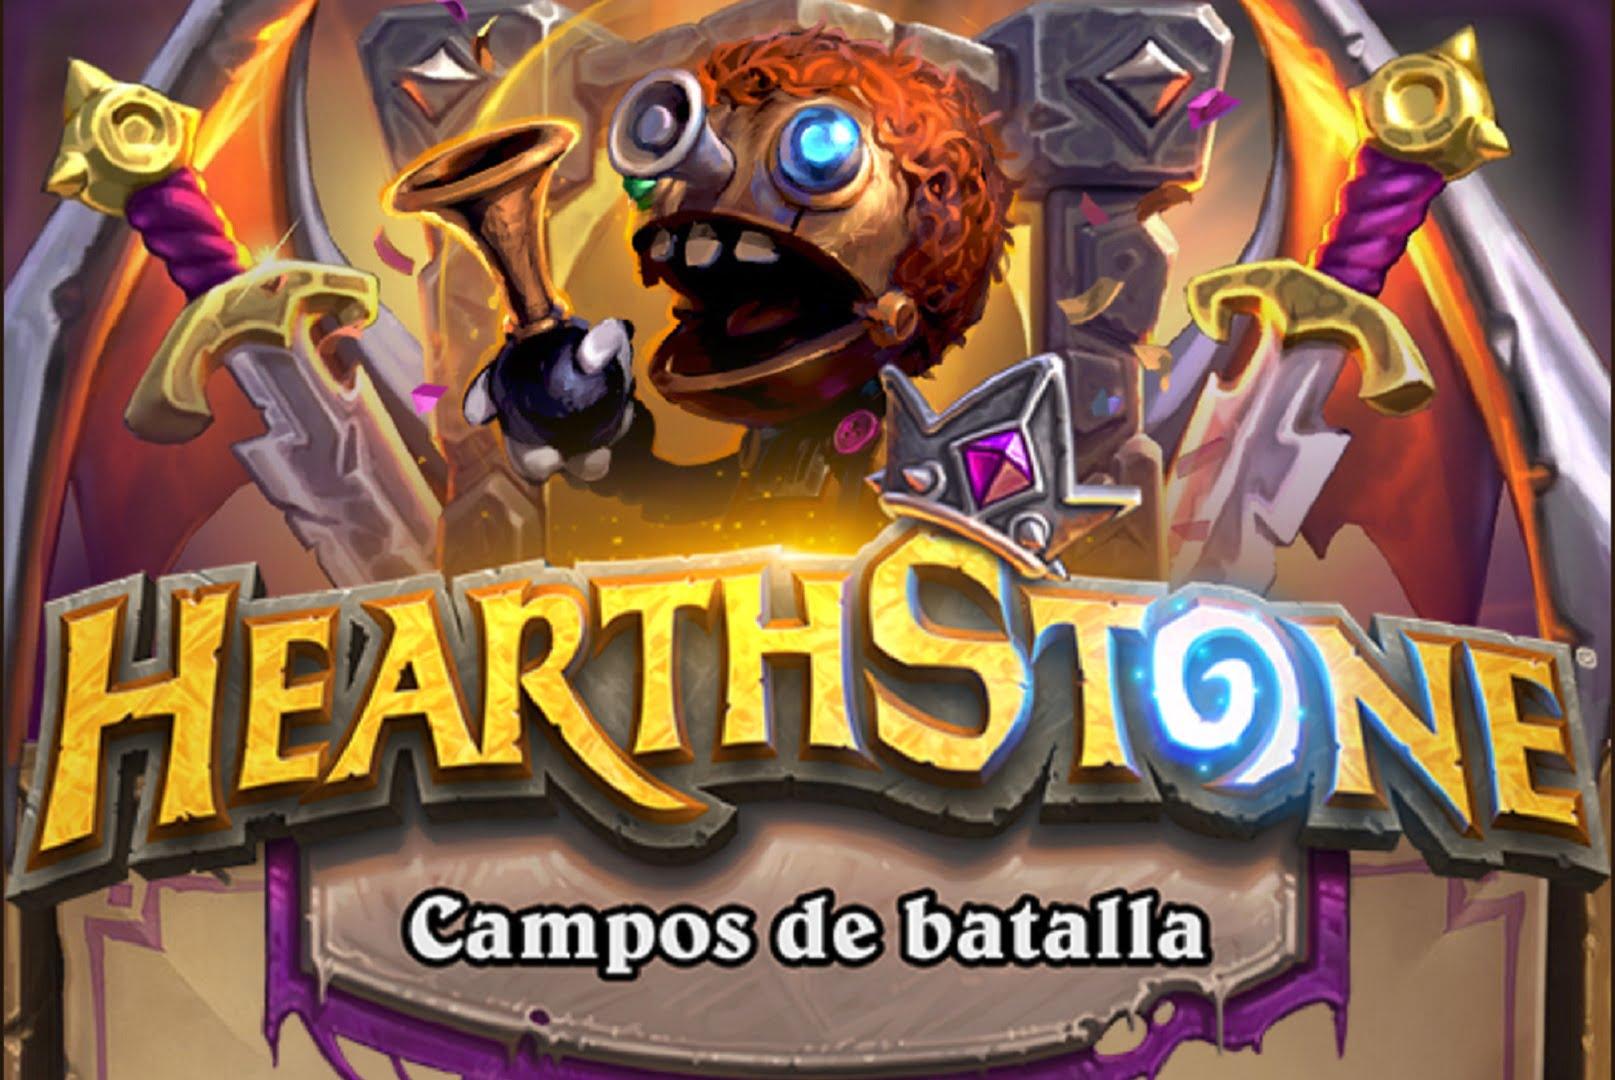 Hearthstone Campos de Batalla Fecha, acceso temprano y cómo se juega